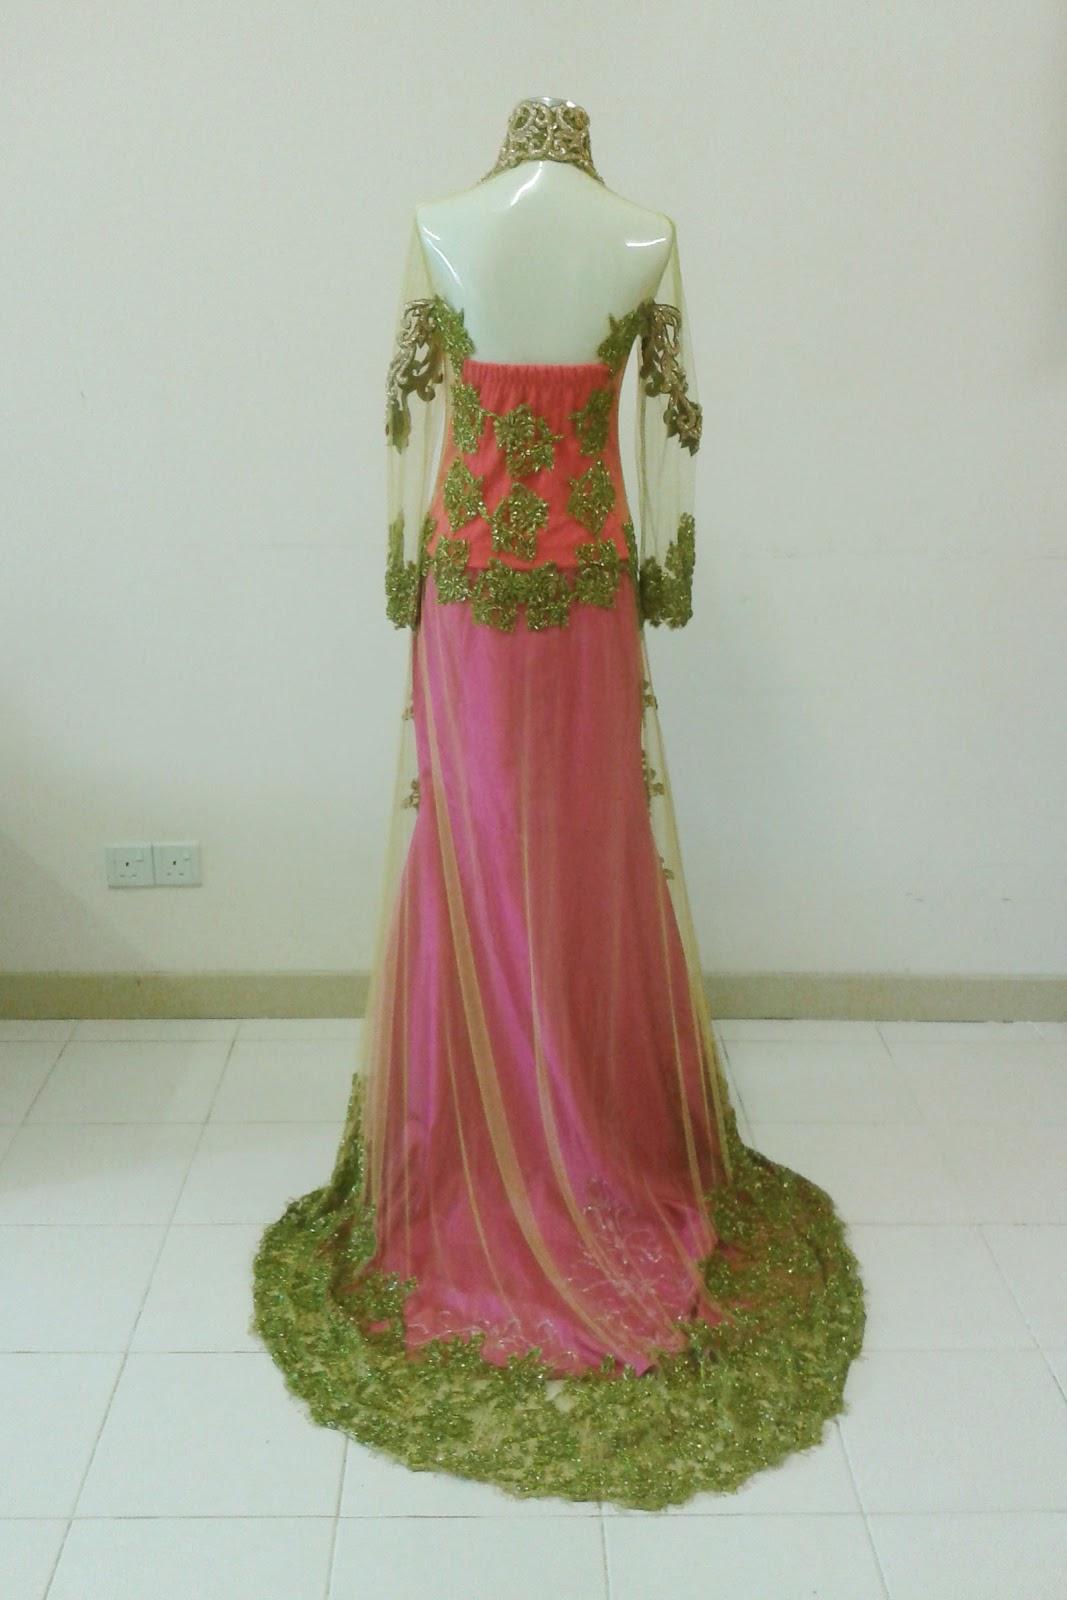 bdc busana pengantin bermanik kombinasi warna hijau dan